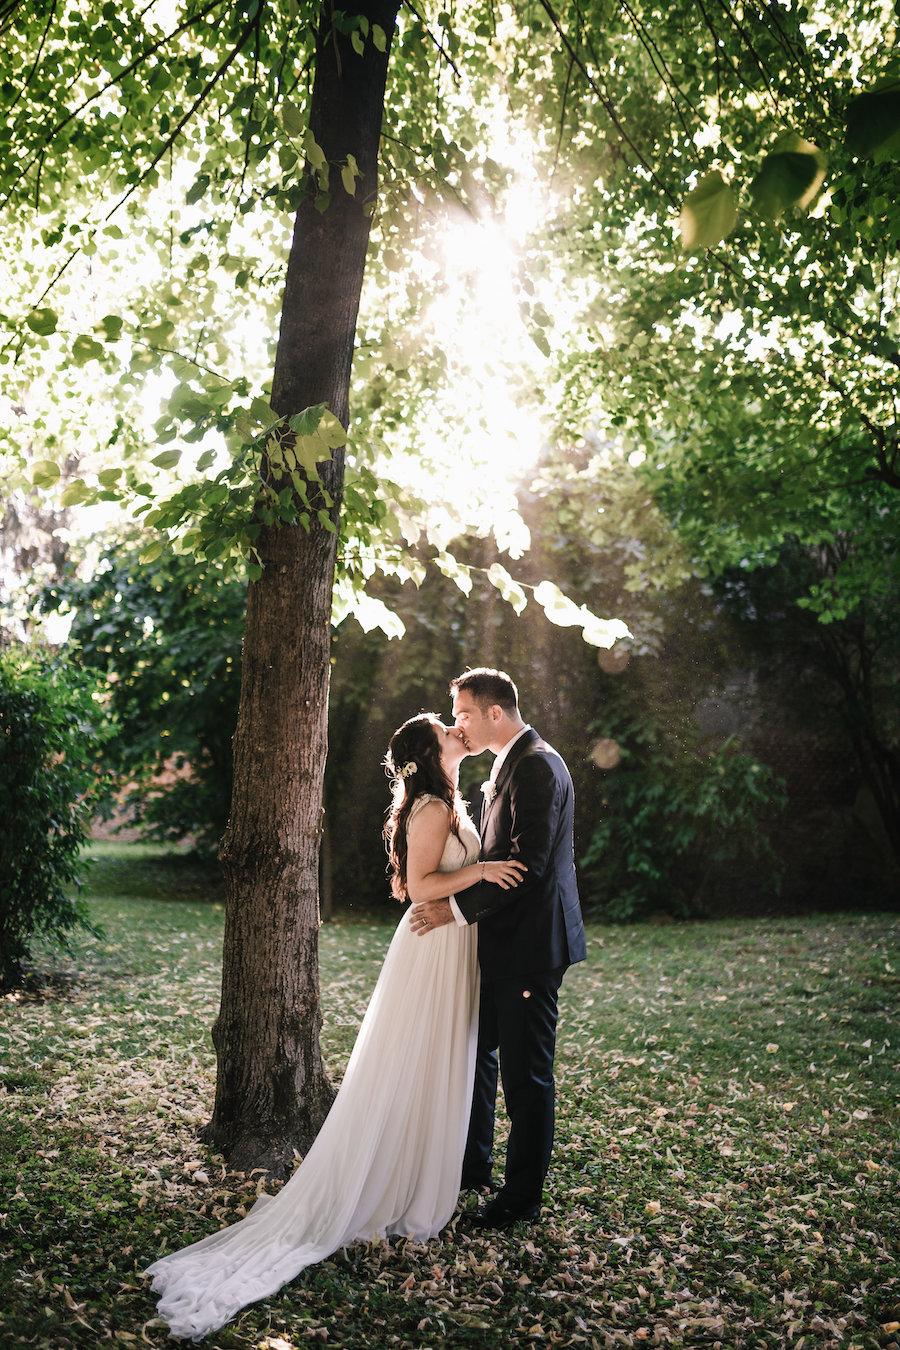 matrimonio bucolico in giardino